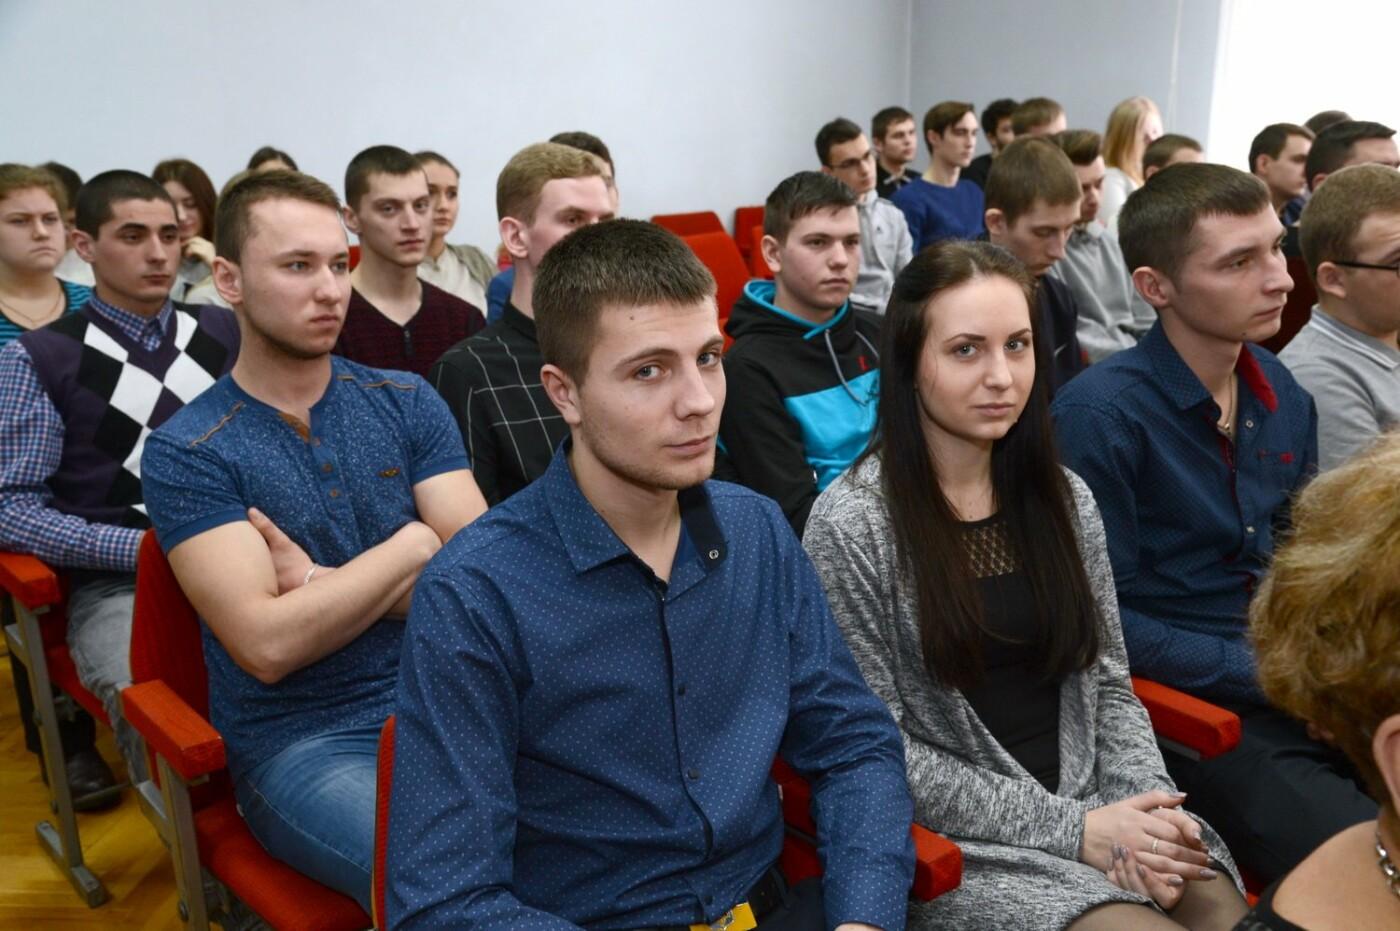 Борис Колесников открыл образовательный конкурс для студентов-железнодорожников, фото-3